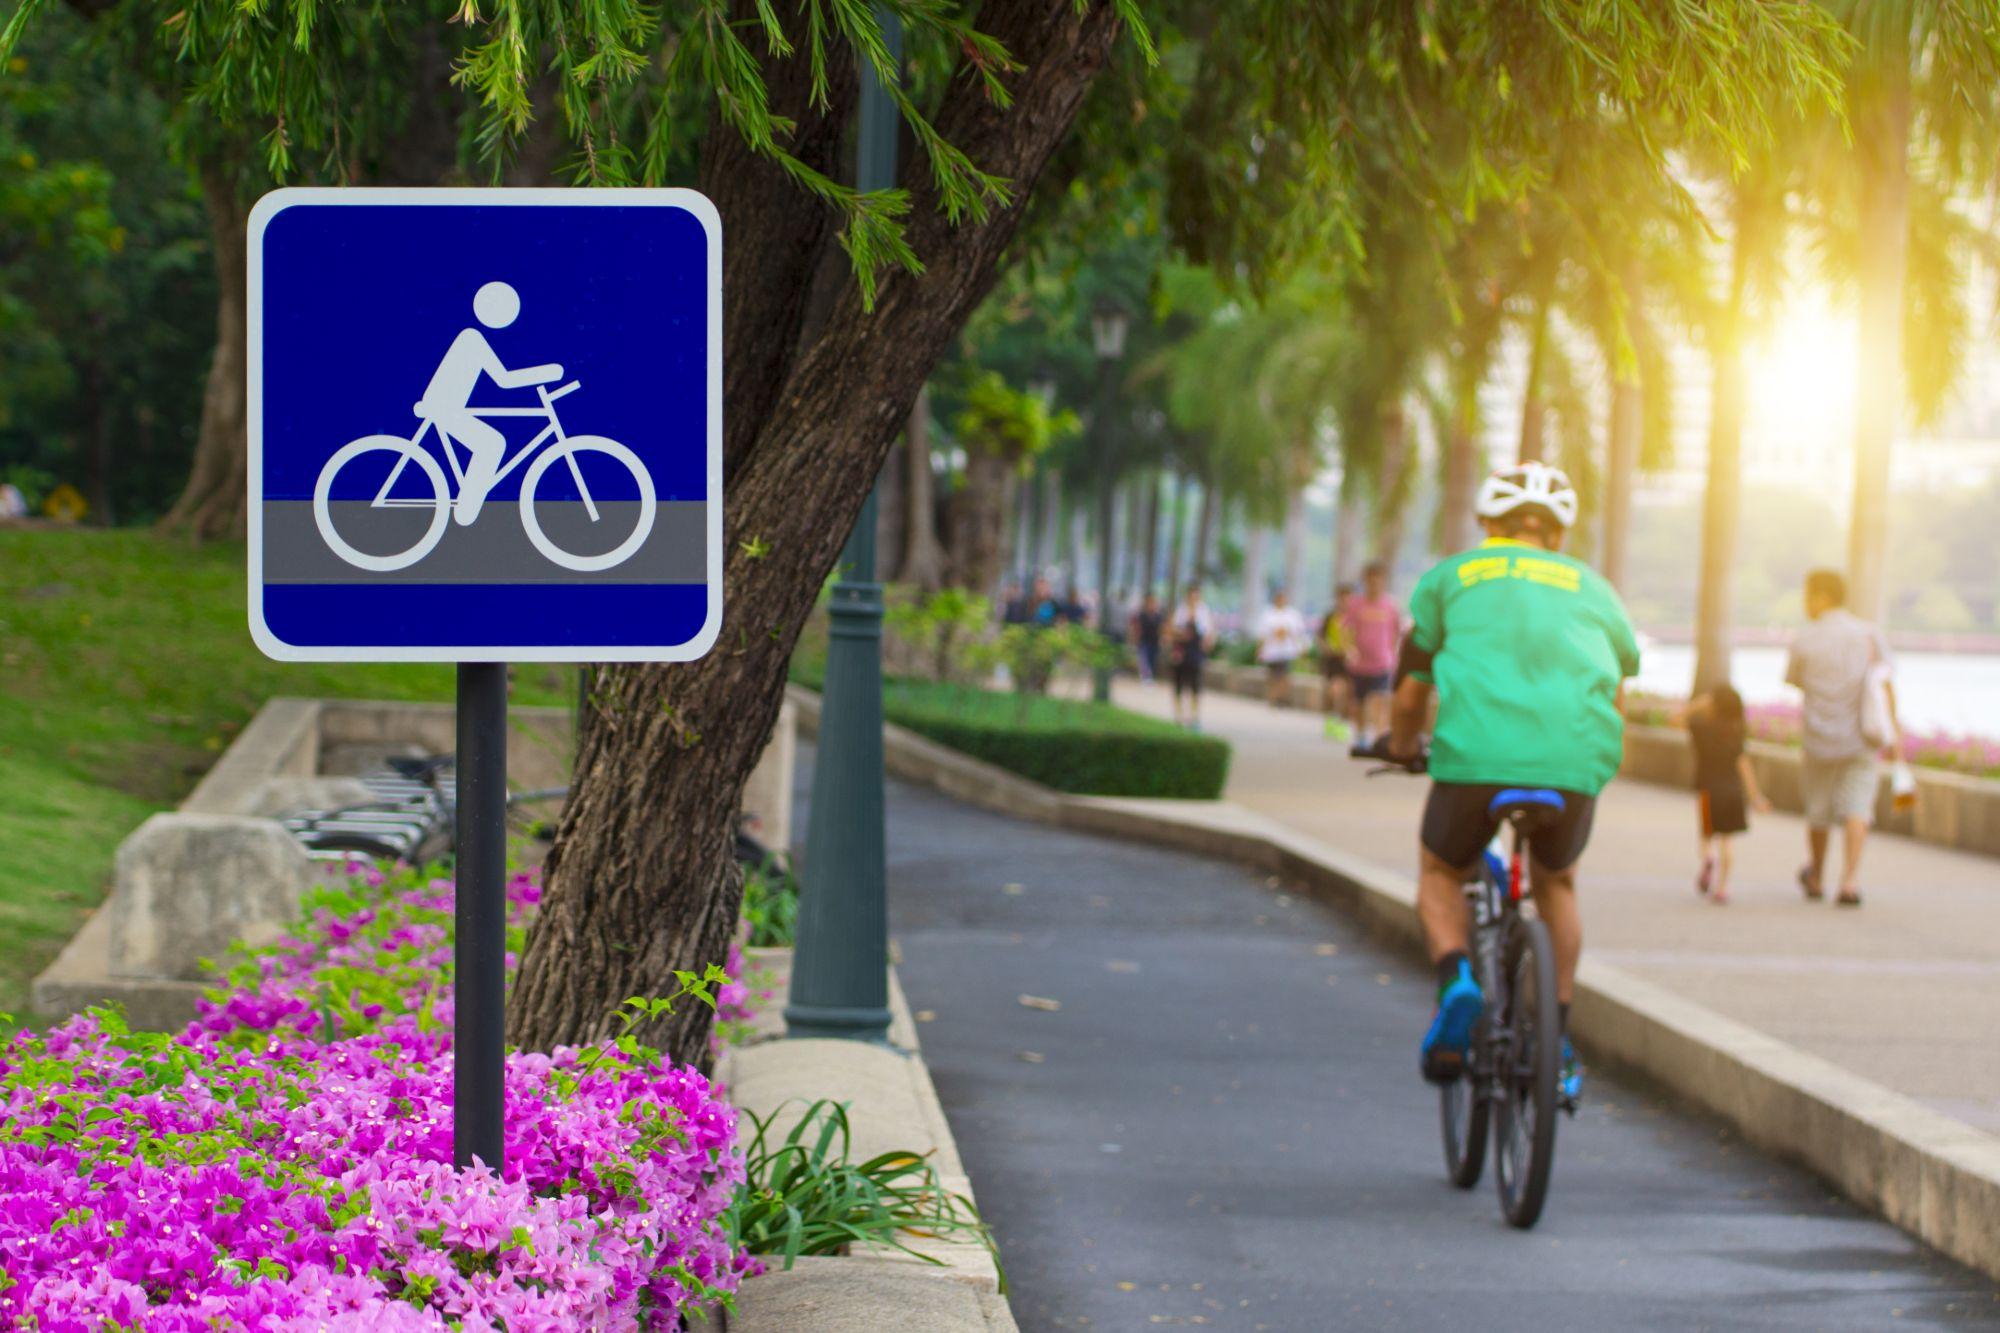 11-Daagse fietstour Bangkok - Chiang Mai